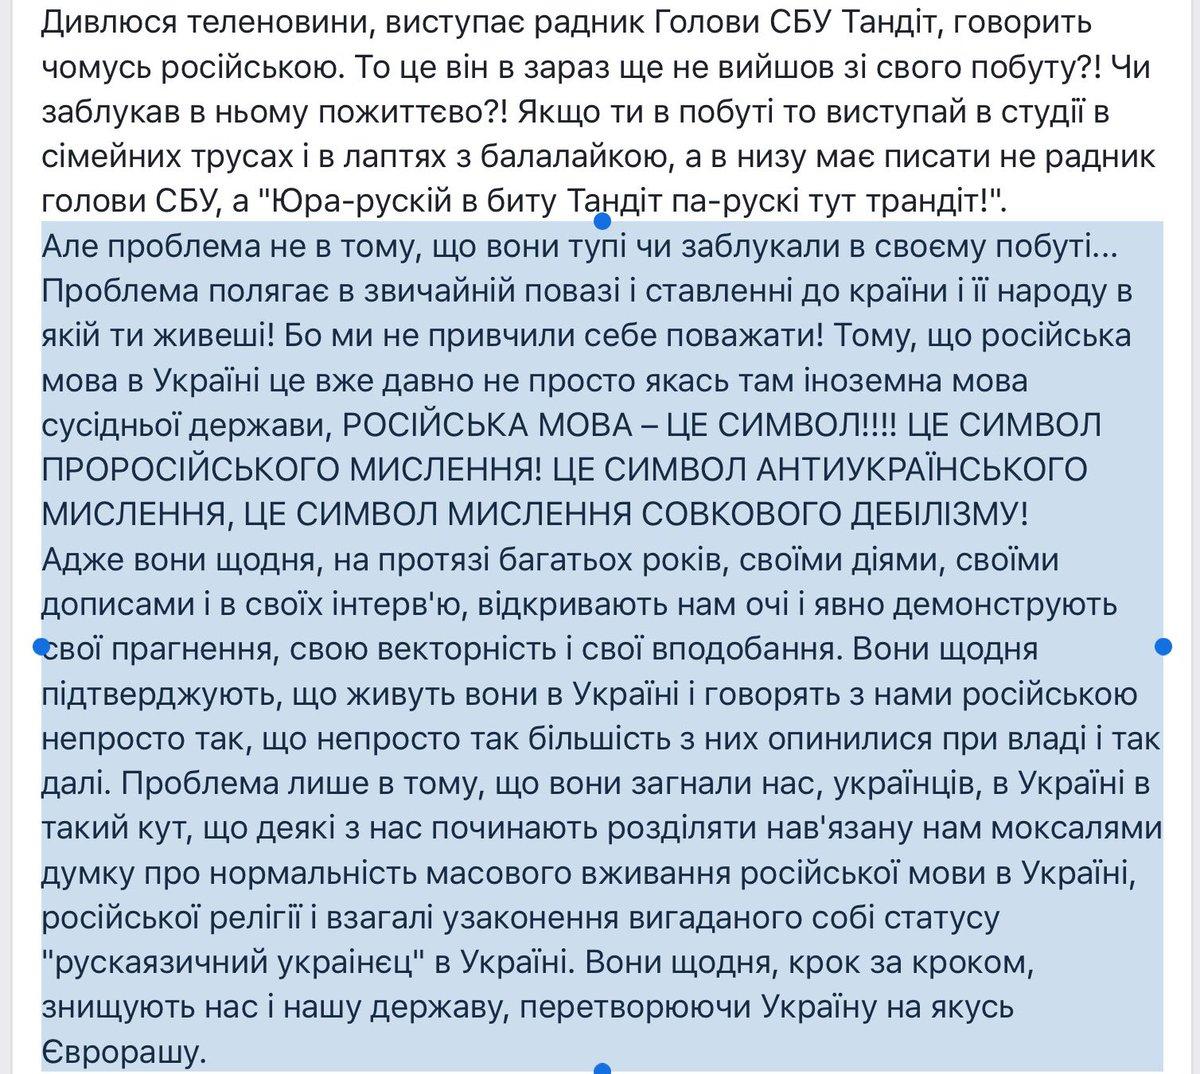 Гражданин Чехии, ради которого эксгумировали тело Олеся, хотел быть похороненным в другом месте, - посольство Украины в Чехии - Цензор.НЕТ 4871